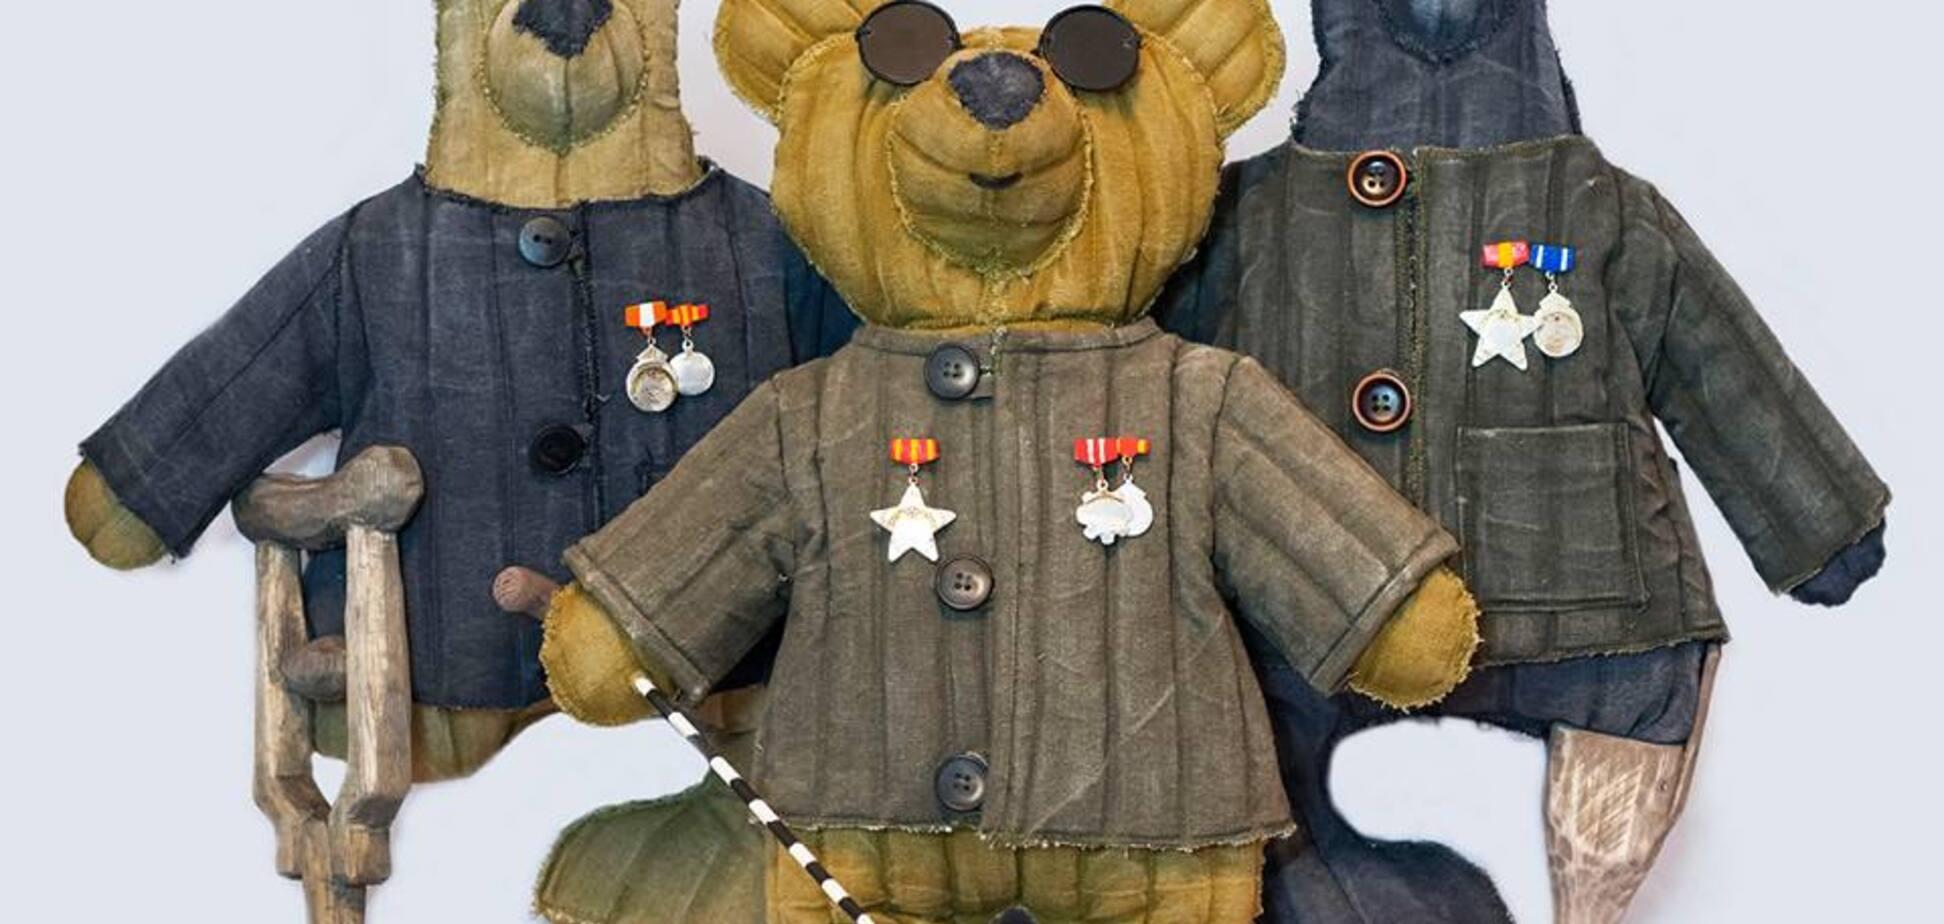 'Вата - російська душа': у РФ ветеранам присвятили колекцію іграшок-інвалідів